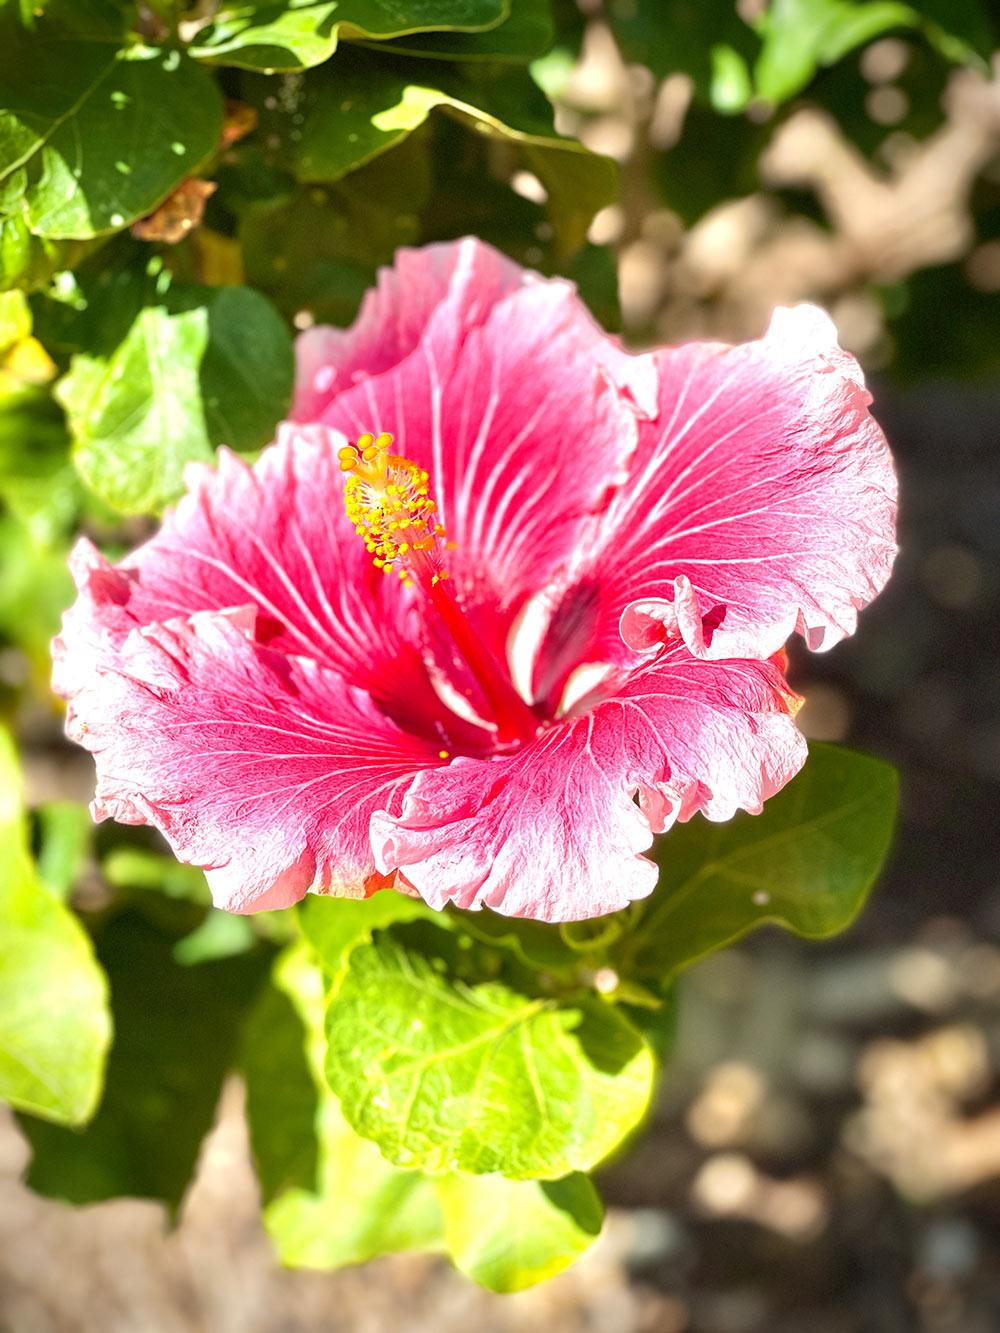 New photos - Hibiscus